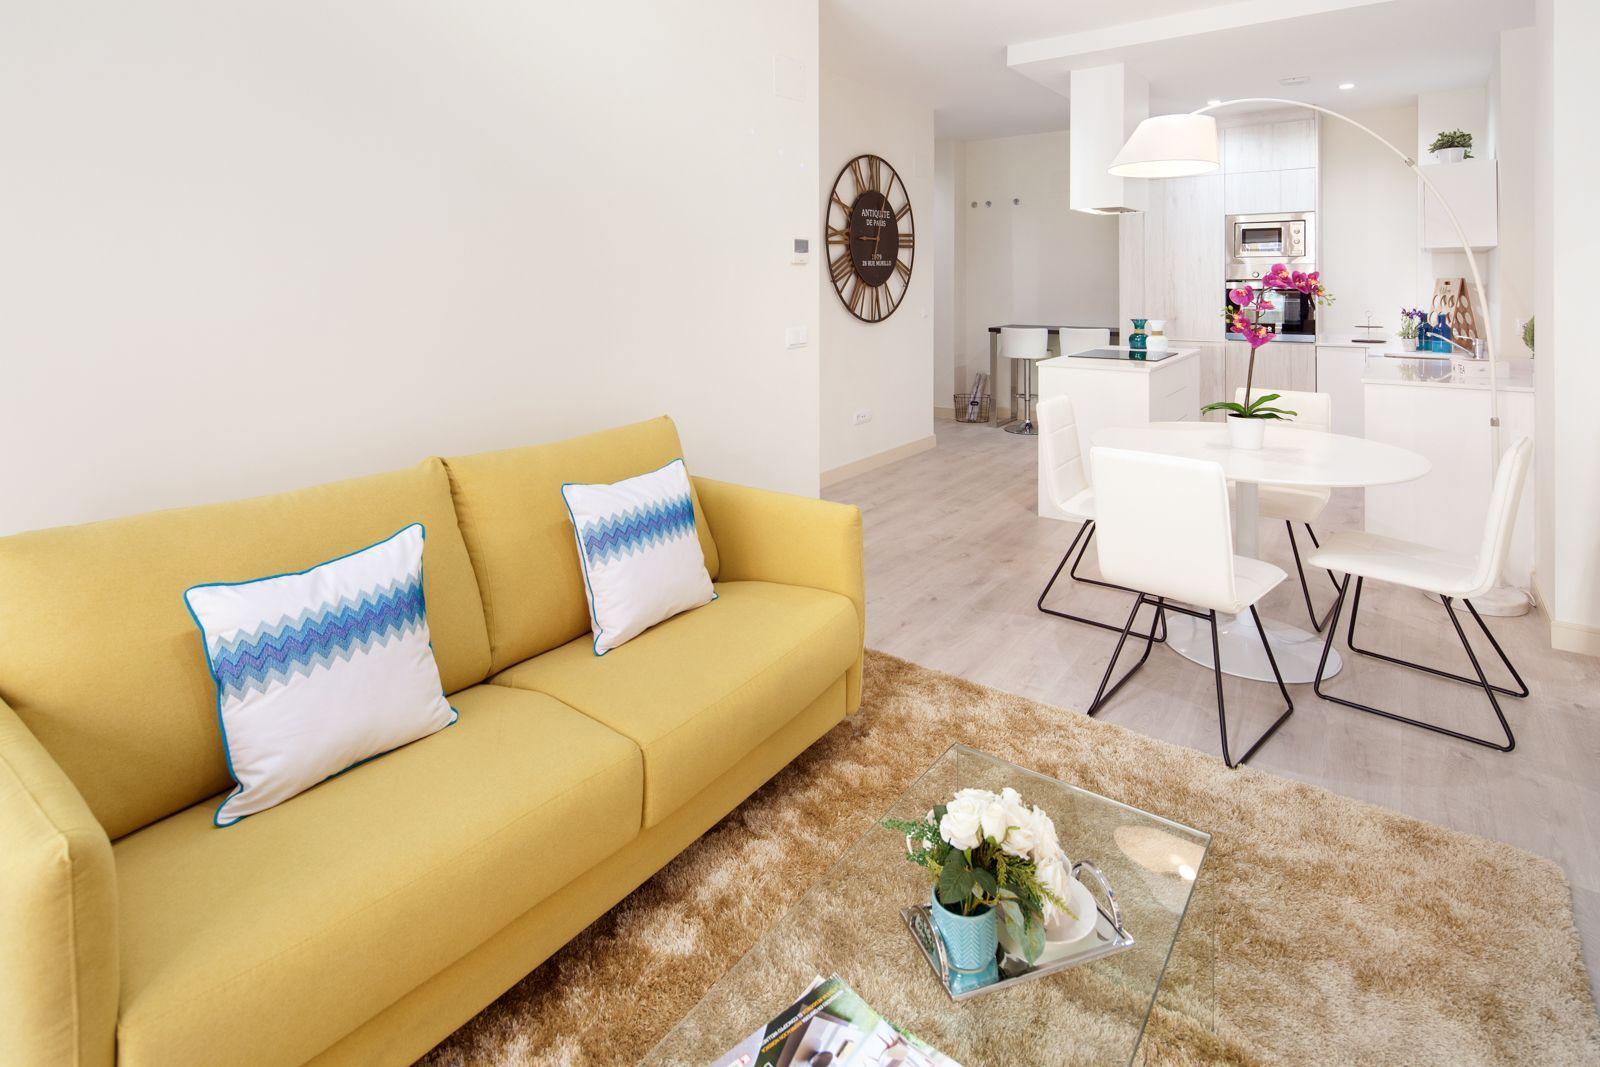 Visite este nuevo y exclusivo piso moderno en m laga - Decoracion de interiores malaga ...